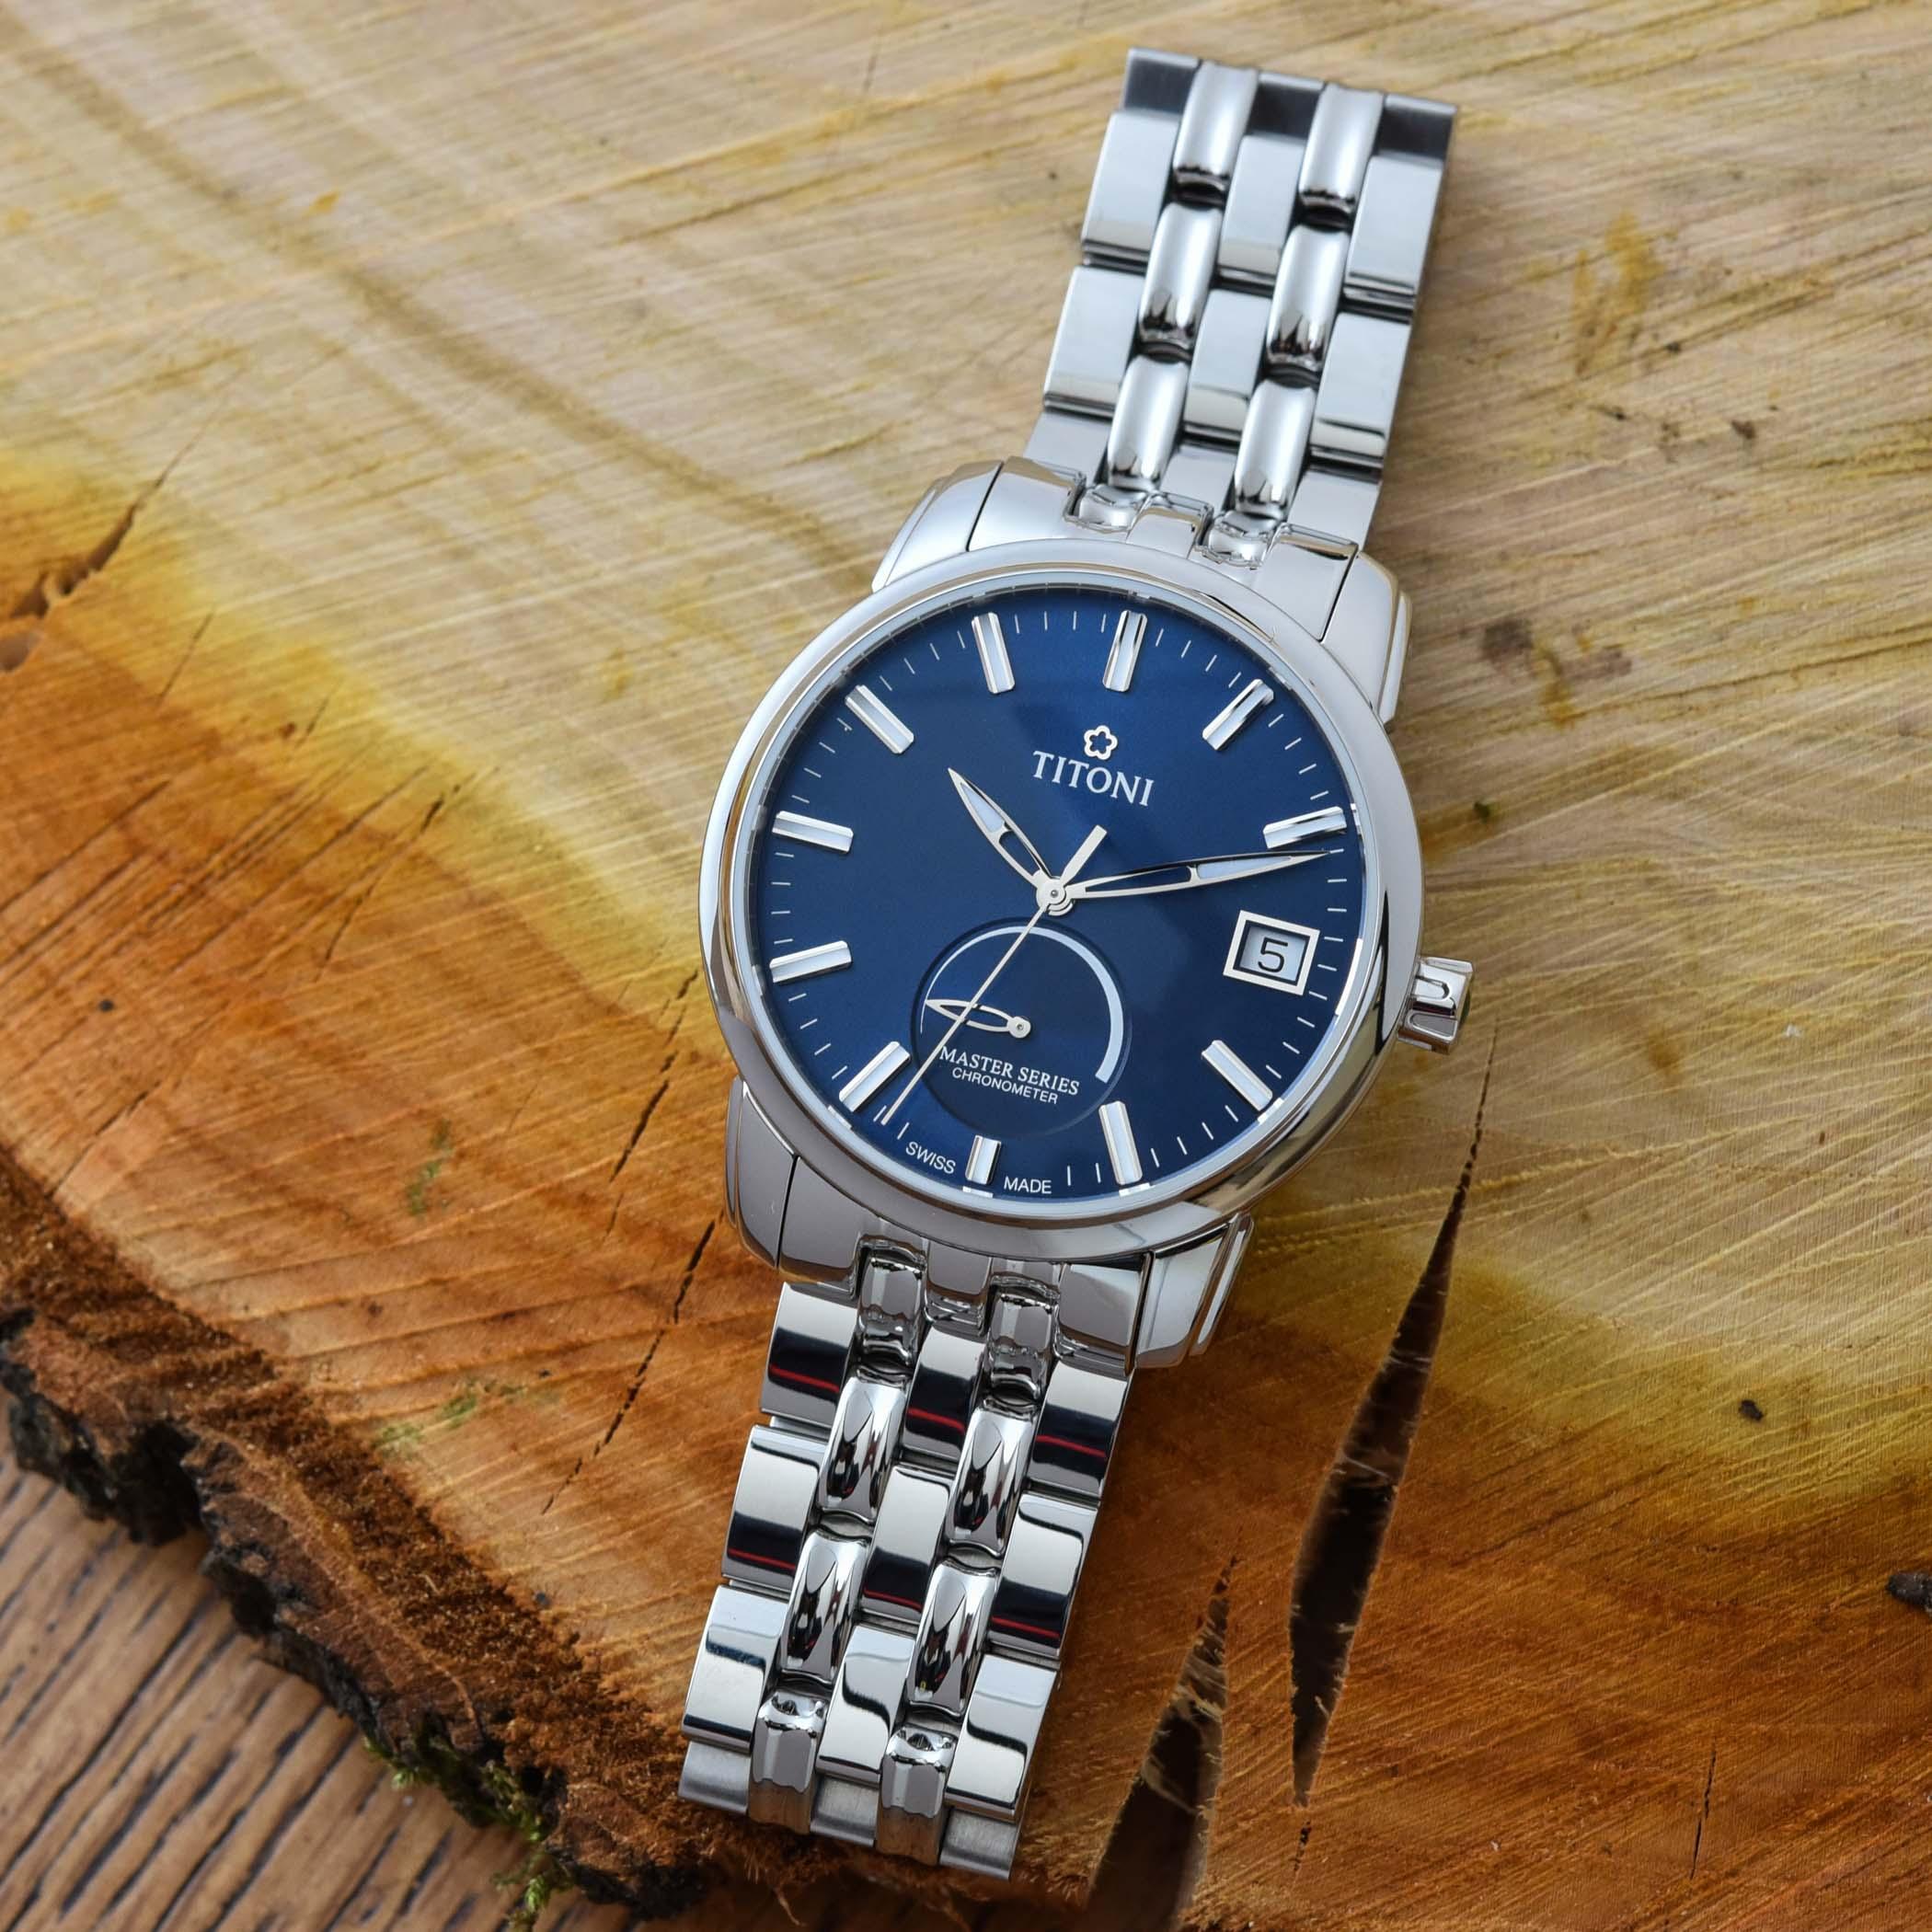 Titoni Master Series Power Reserve Chronometer - 2